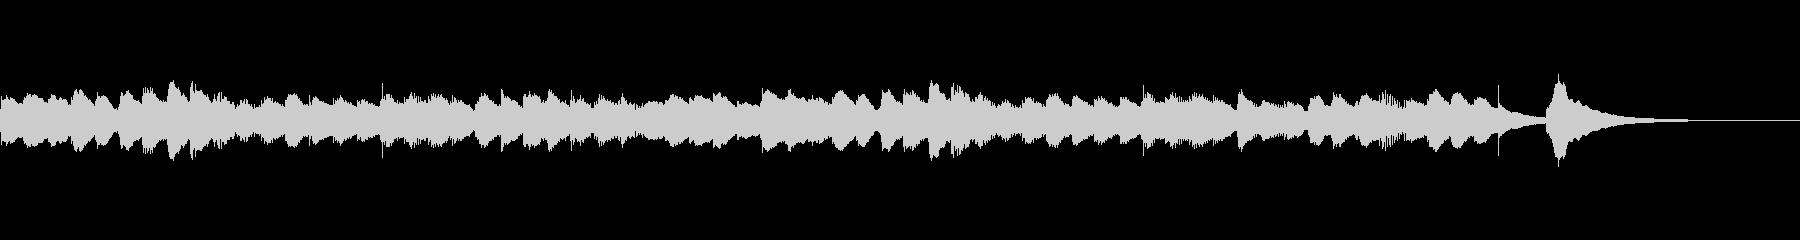 少し切ないオルゴール曲の未再生の波形